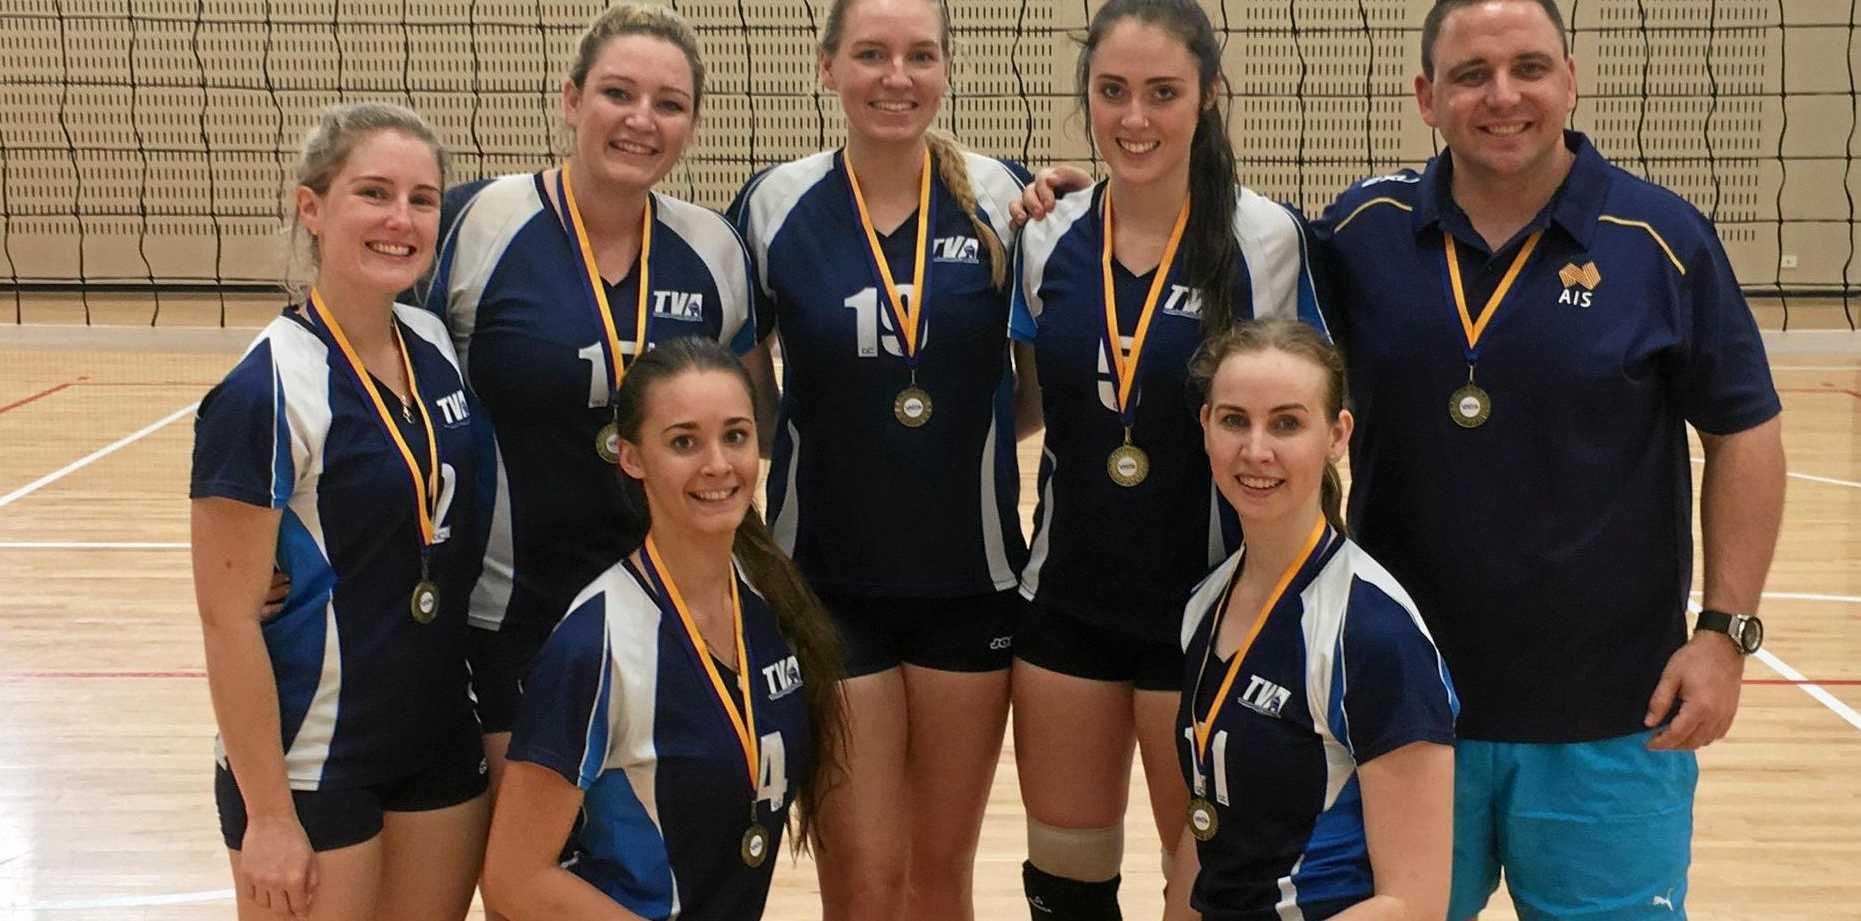 WINNERS: (from left) Cassie Thomas, Megan Auchter, Rachel Nass, Georgia Parsons, Chris Hillman, Renee Bahnisch, Kacey McEwan